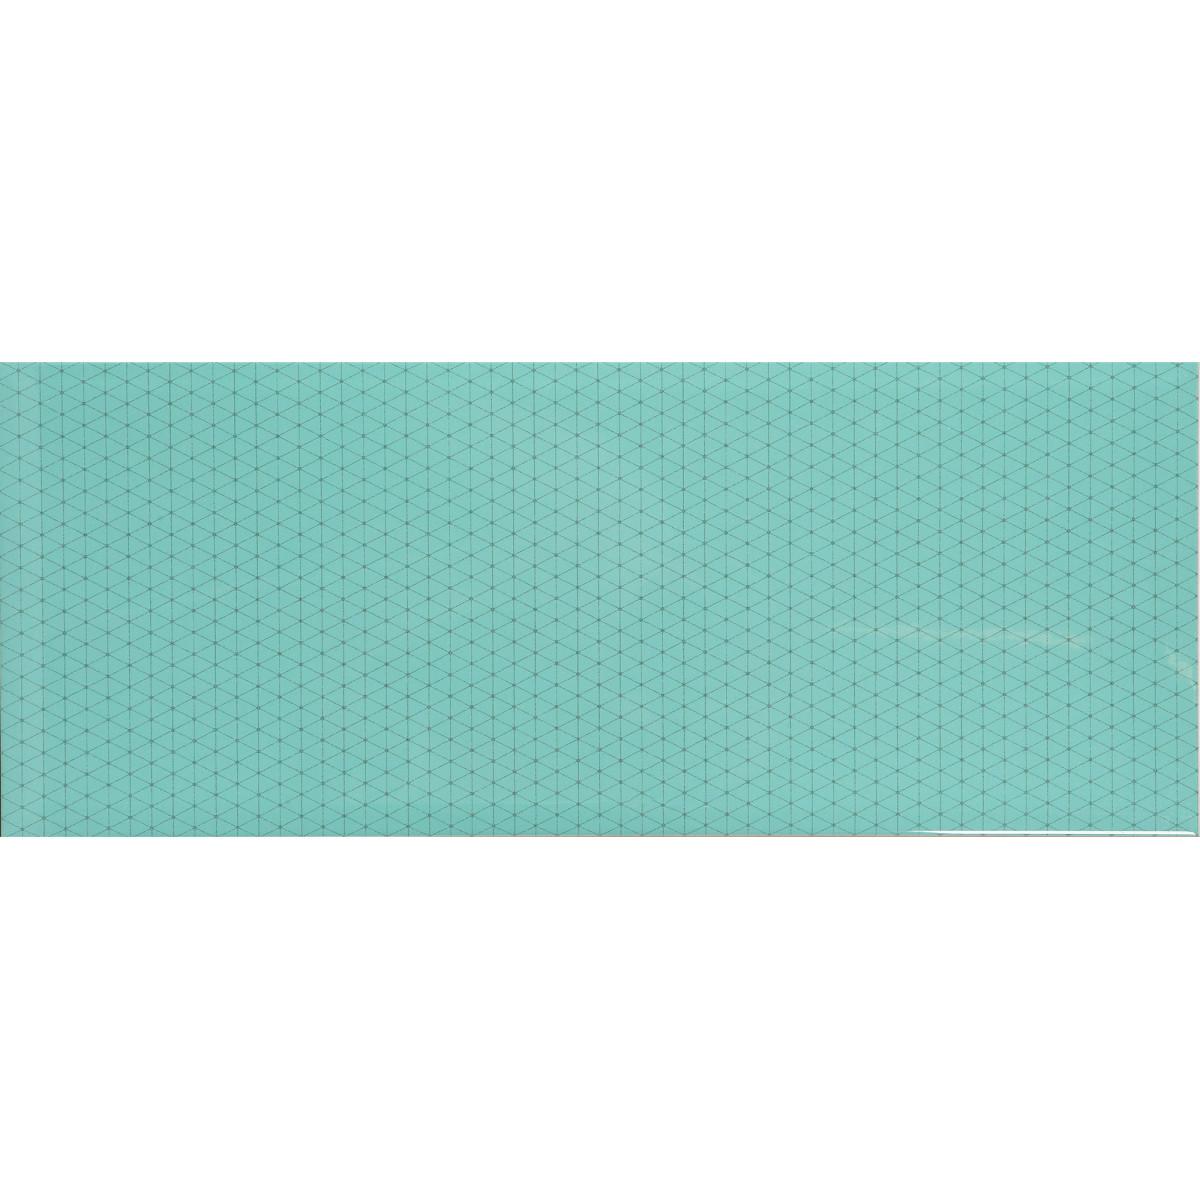 Плитка настенная Концепт 2Т 50x20 см 1.4 м² цвет зеленый